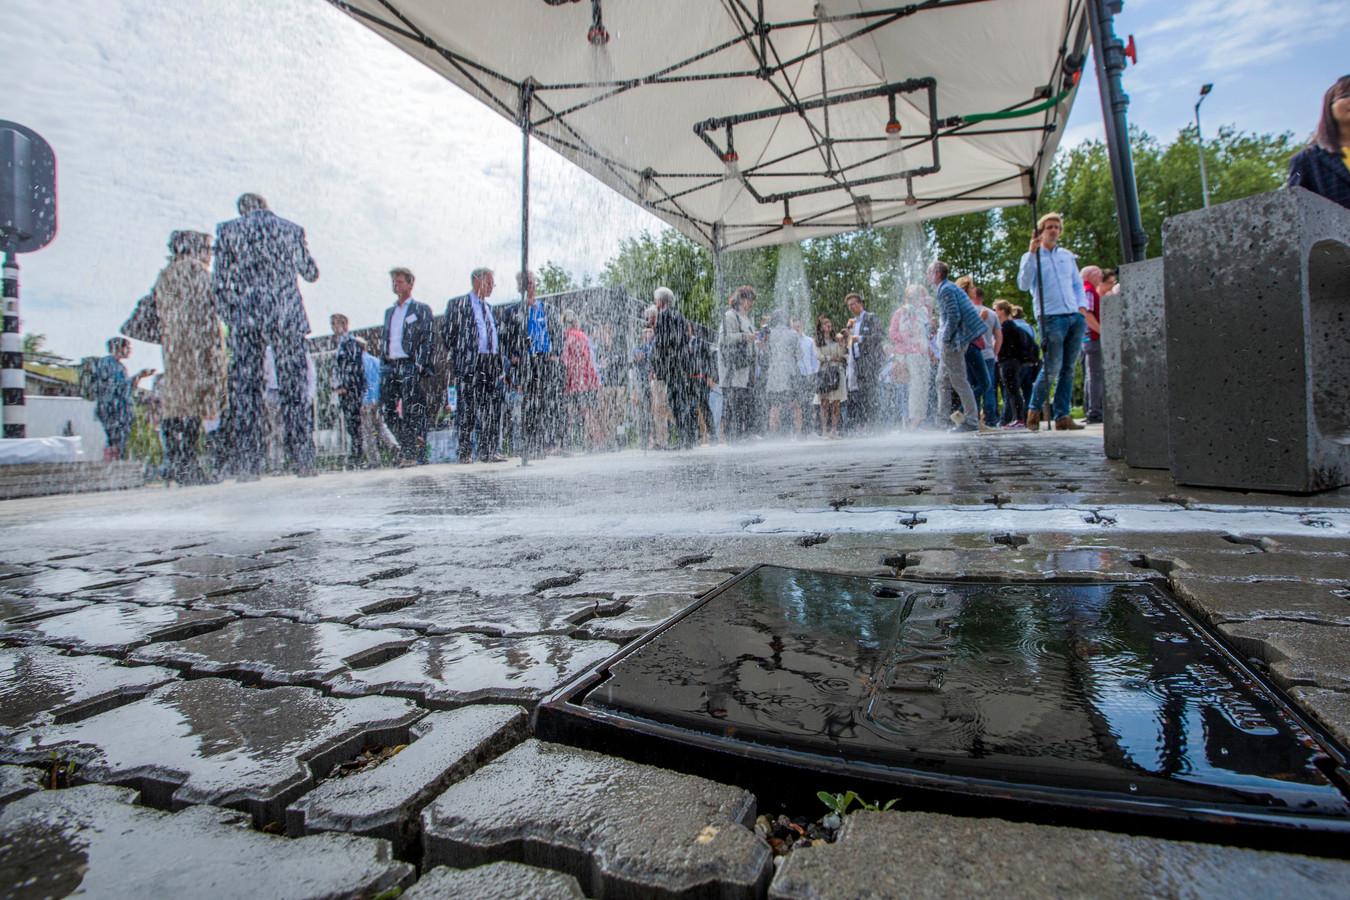 De waterstraat in The Green Village, op de campus van de TU Delft.